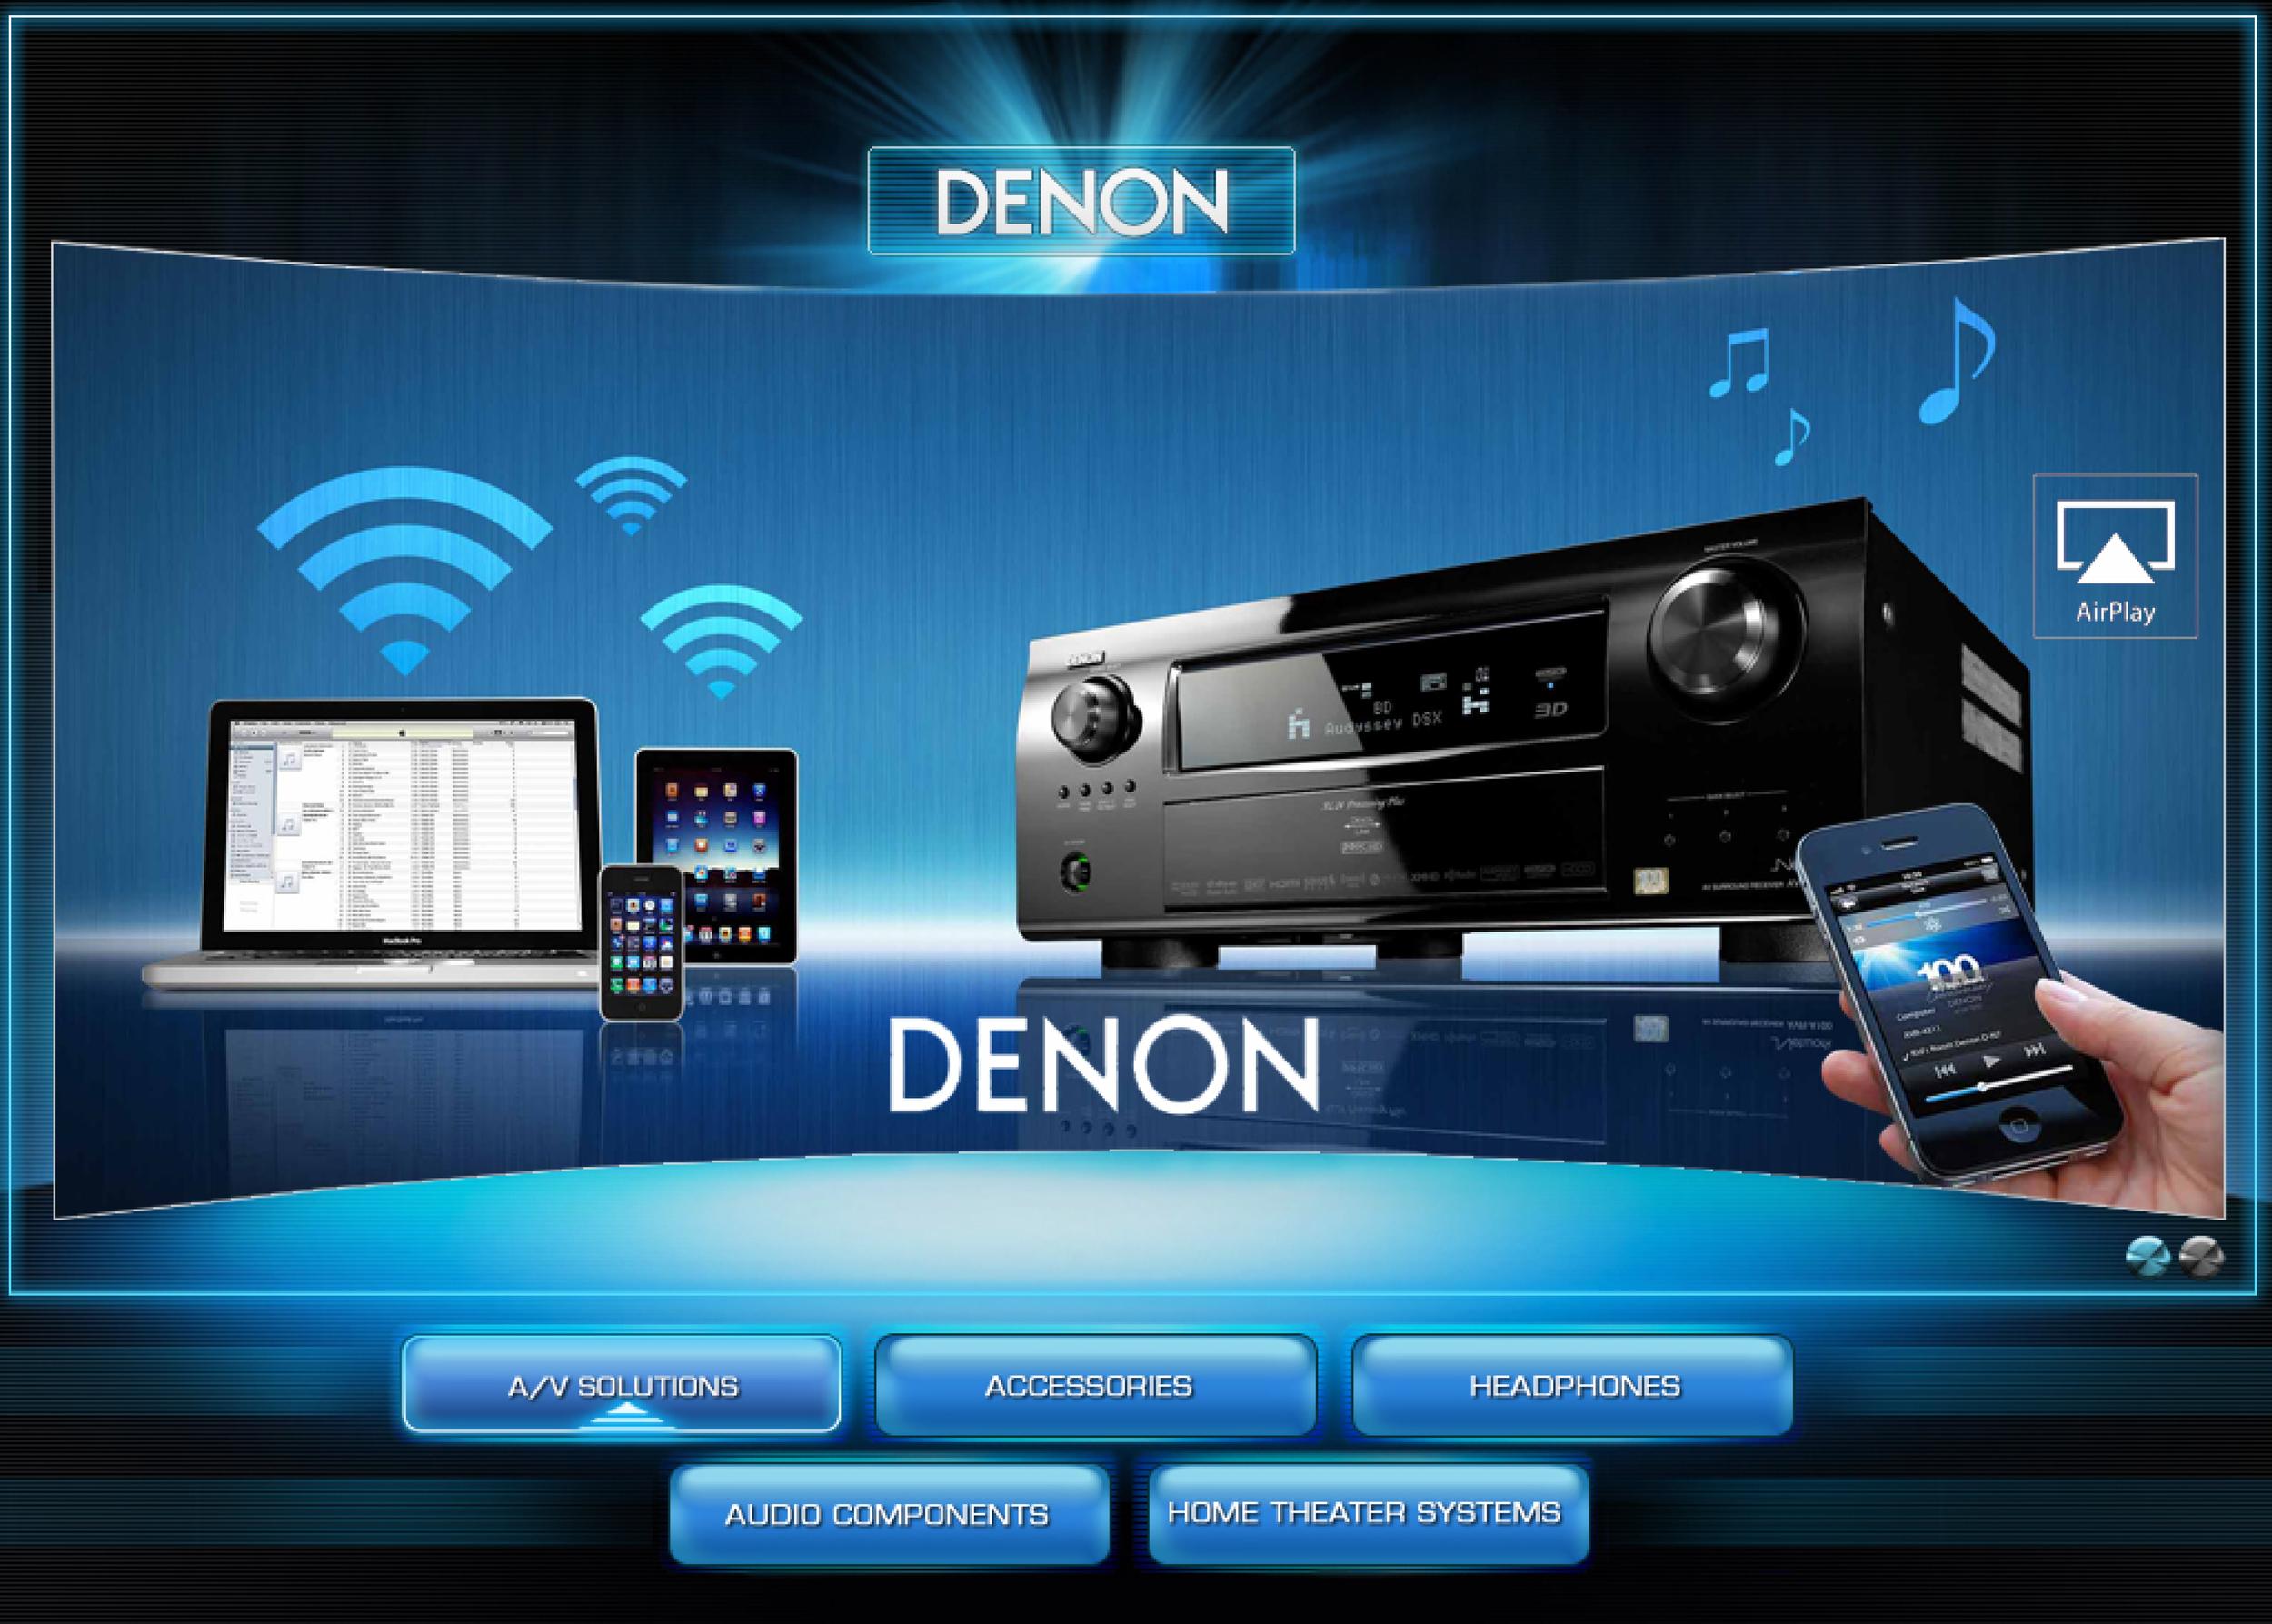 Denon-2.png